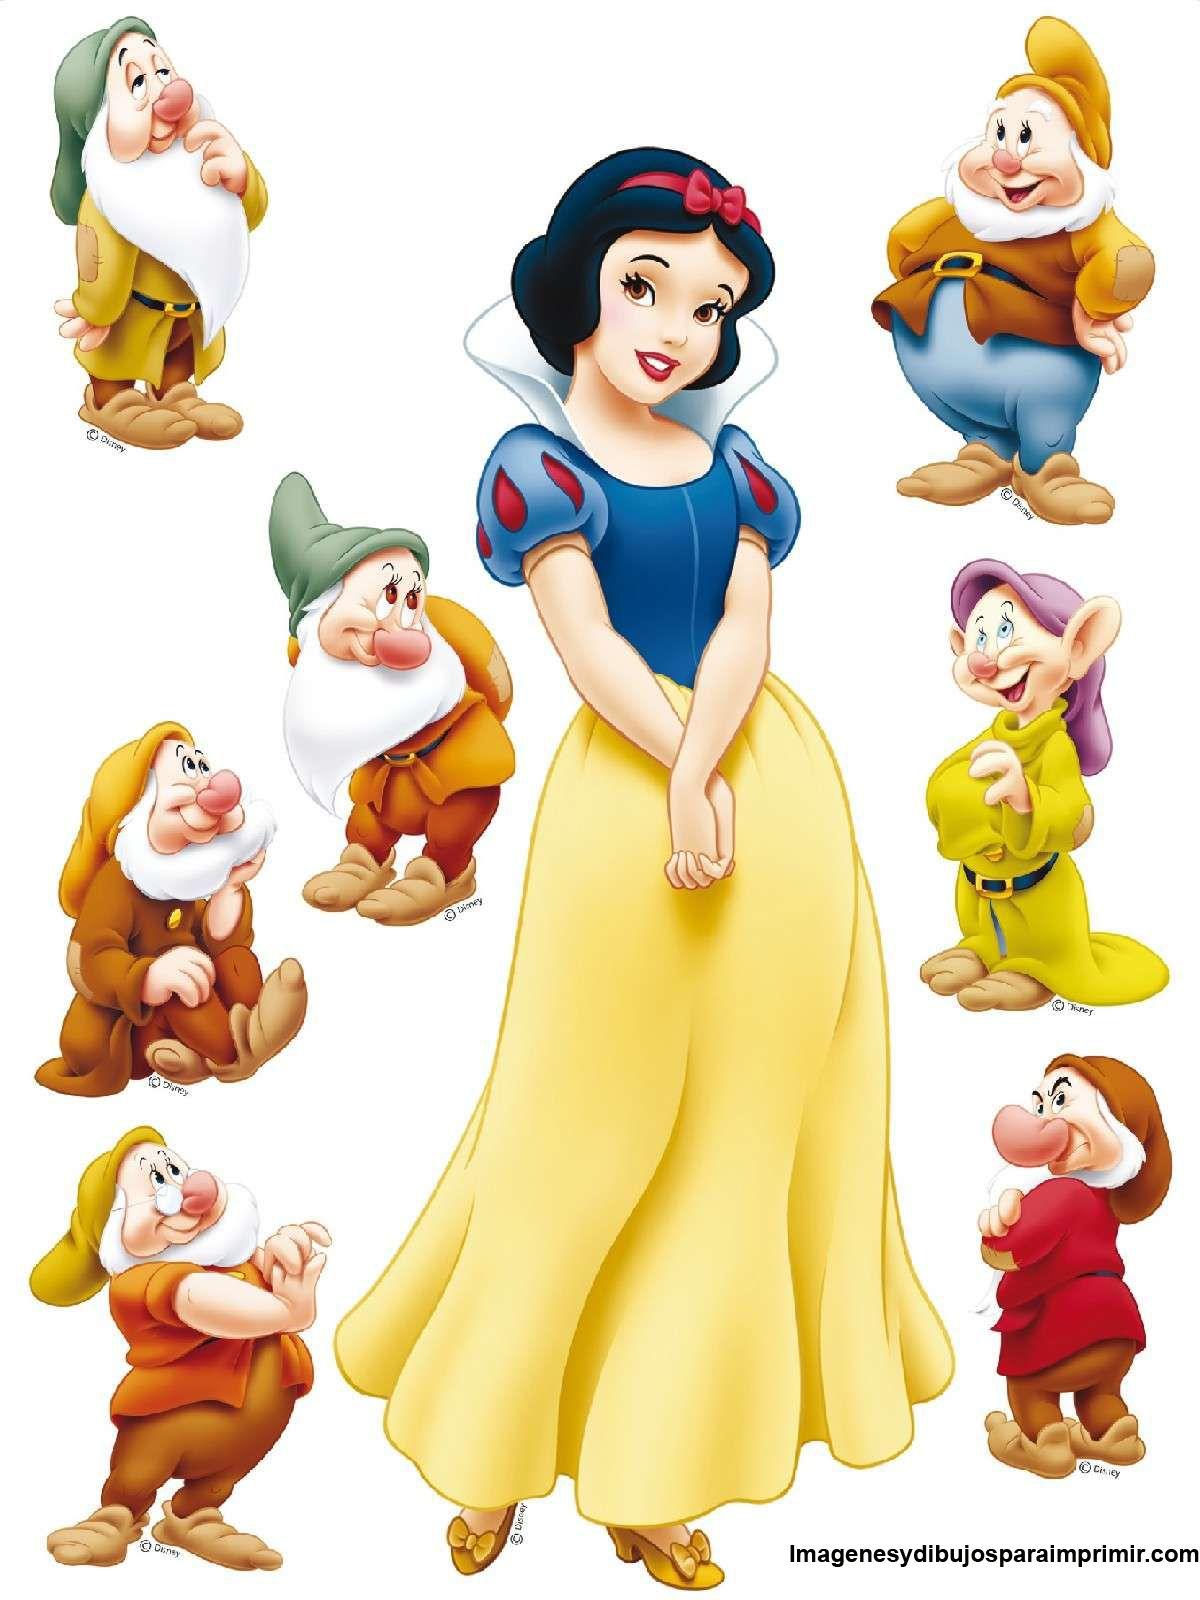 Snow White Free Printables Google Search Dibujo De Blancanieves Blancanieves Y Los Siete Enanitos Enanos De Blancanieves